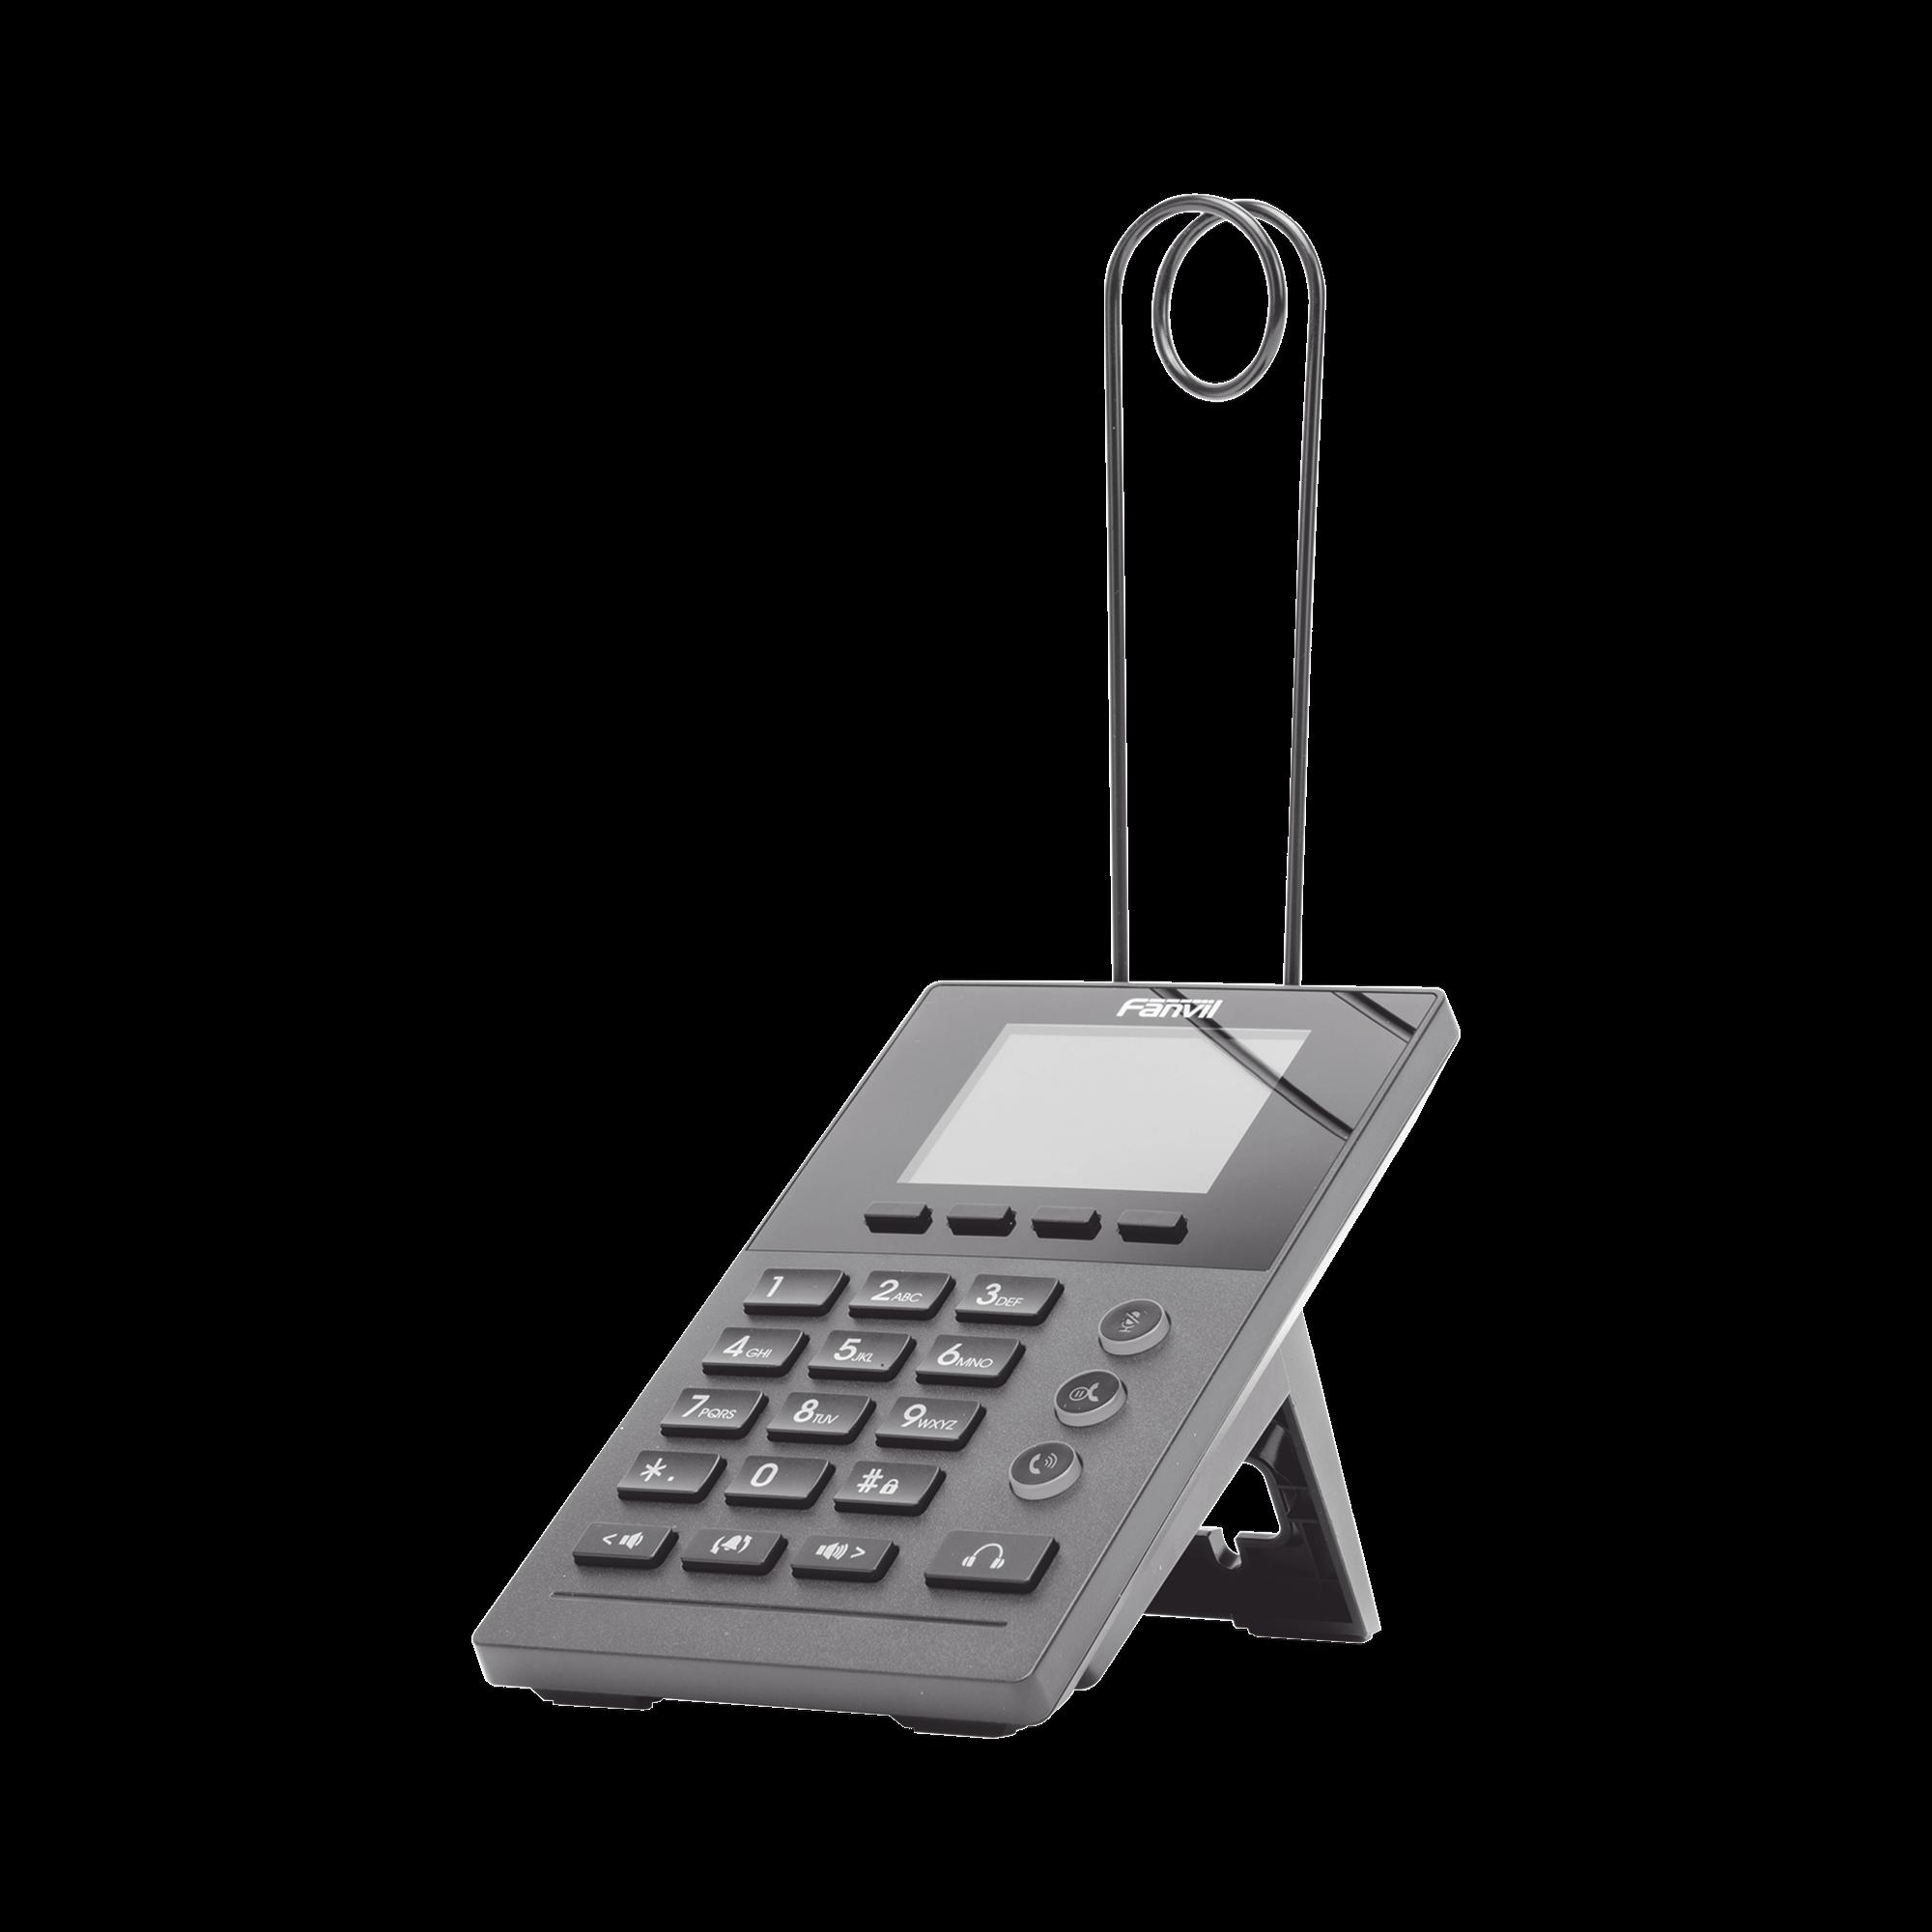 Teléfono IP para Call Center para 2 lineas SIP con soporte para diadema, pantalla LCD de 2.8 pulgadas a color, PoE